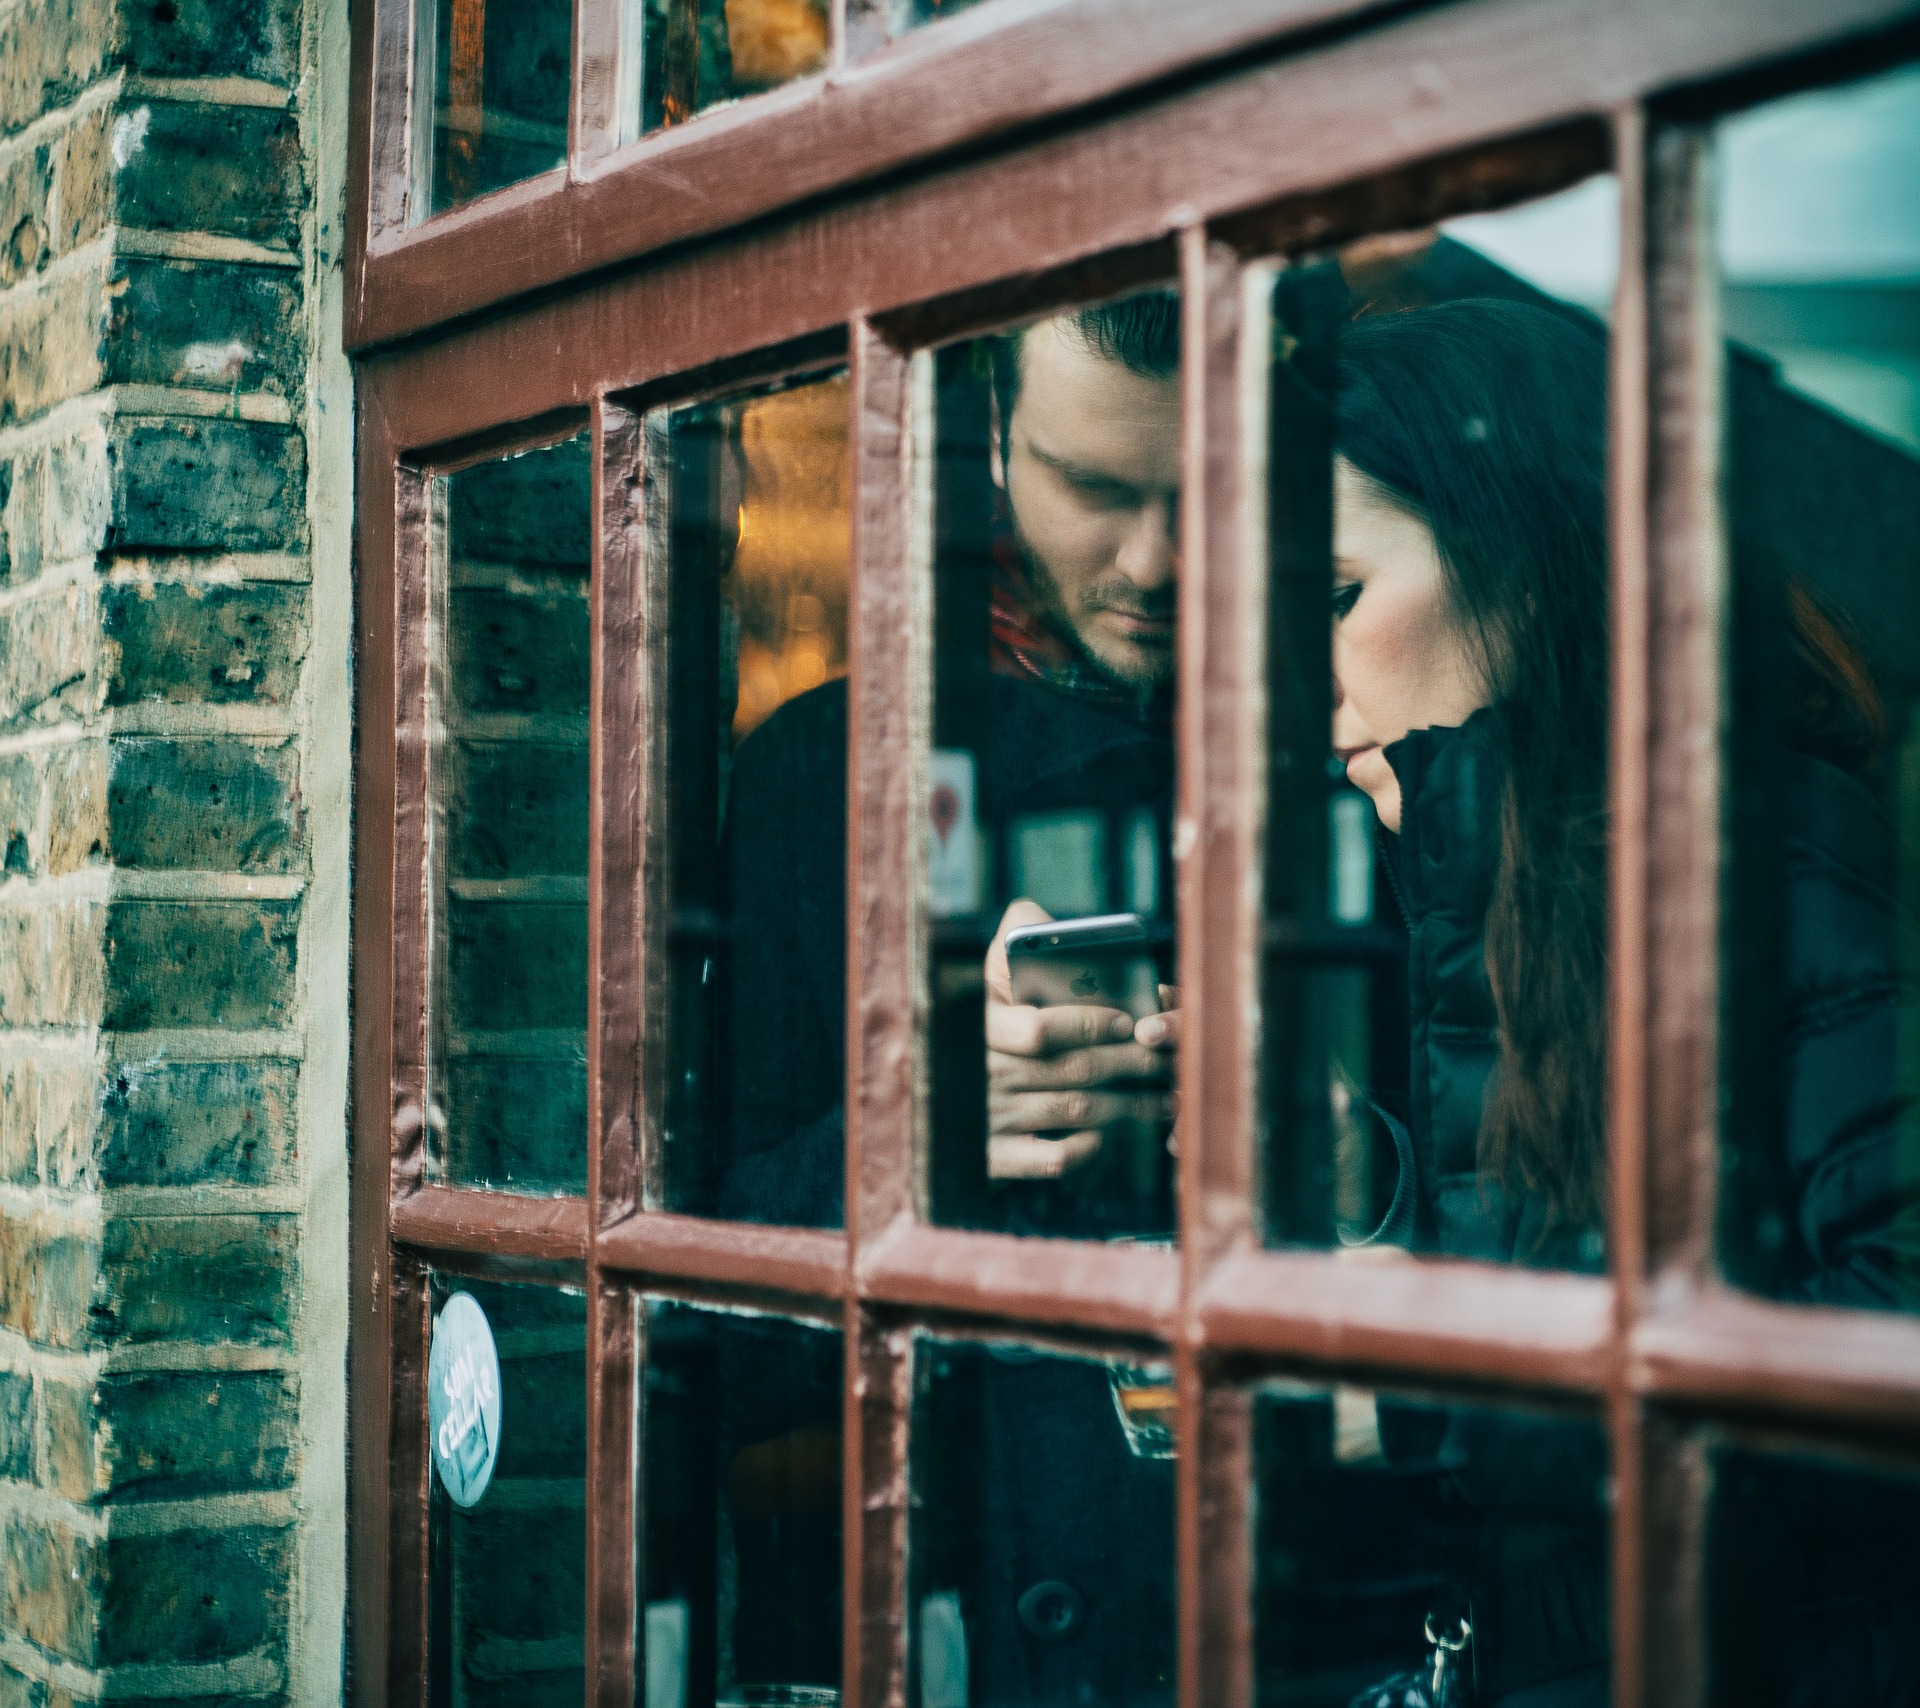 window-2591391_1920.jpg